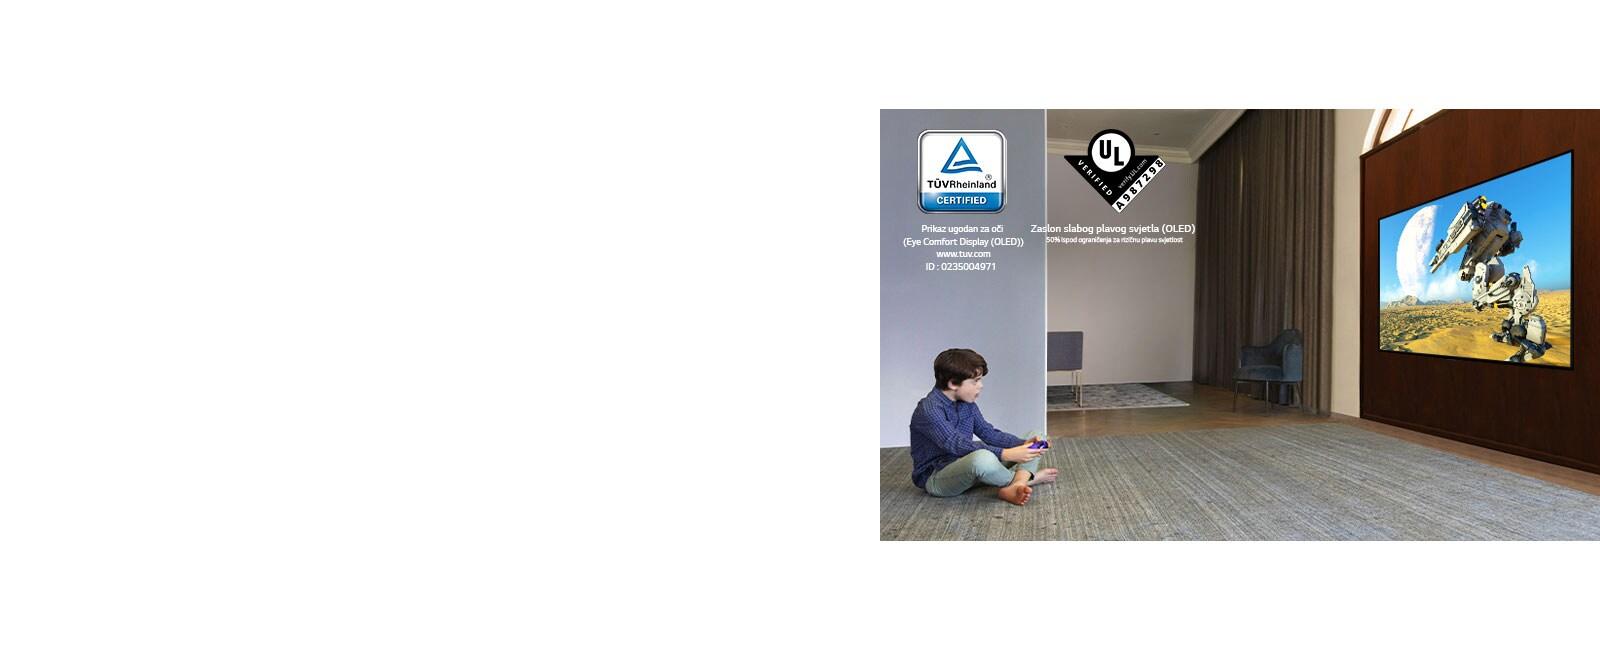 Otrok, ki sedi na tleh, drži krmilno palčko in igra video igrico na TV zaslonu